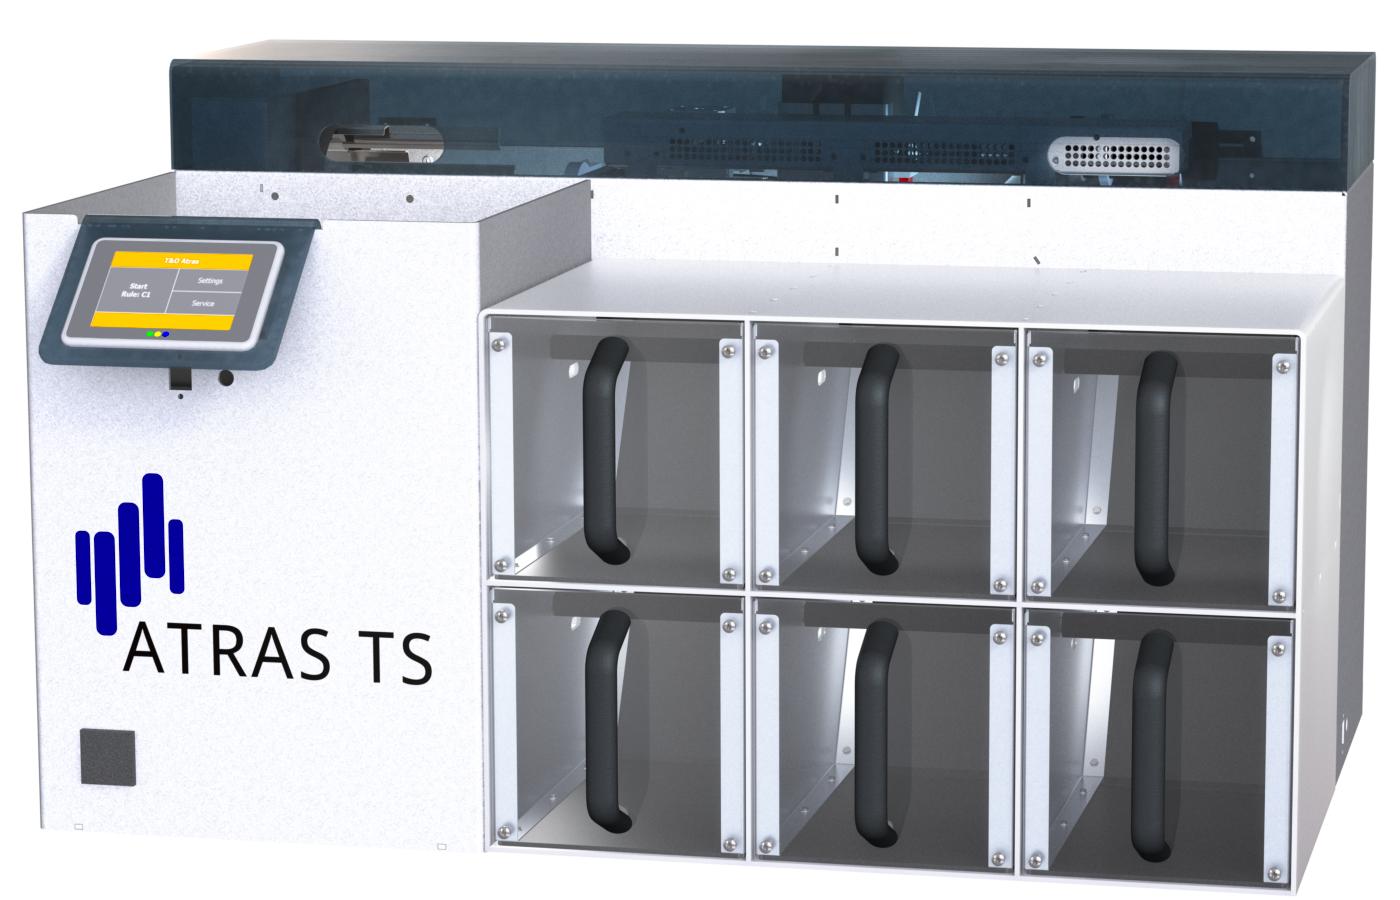 ATRAS TS bulk loader sorter preanalytics